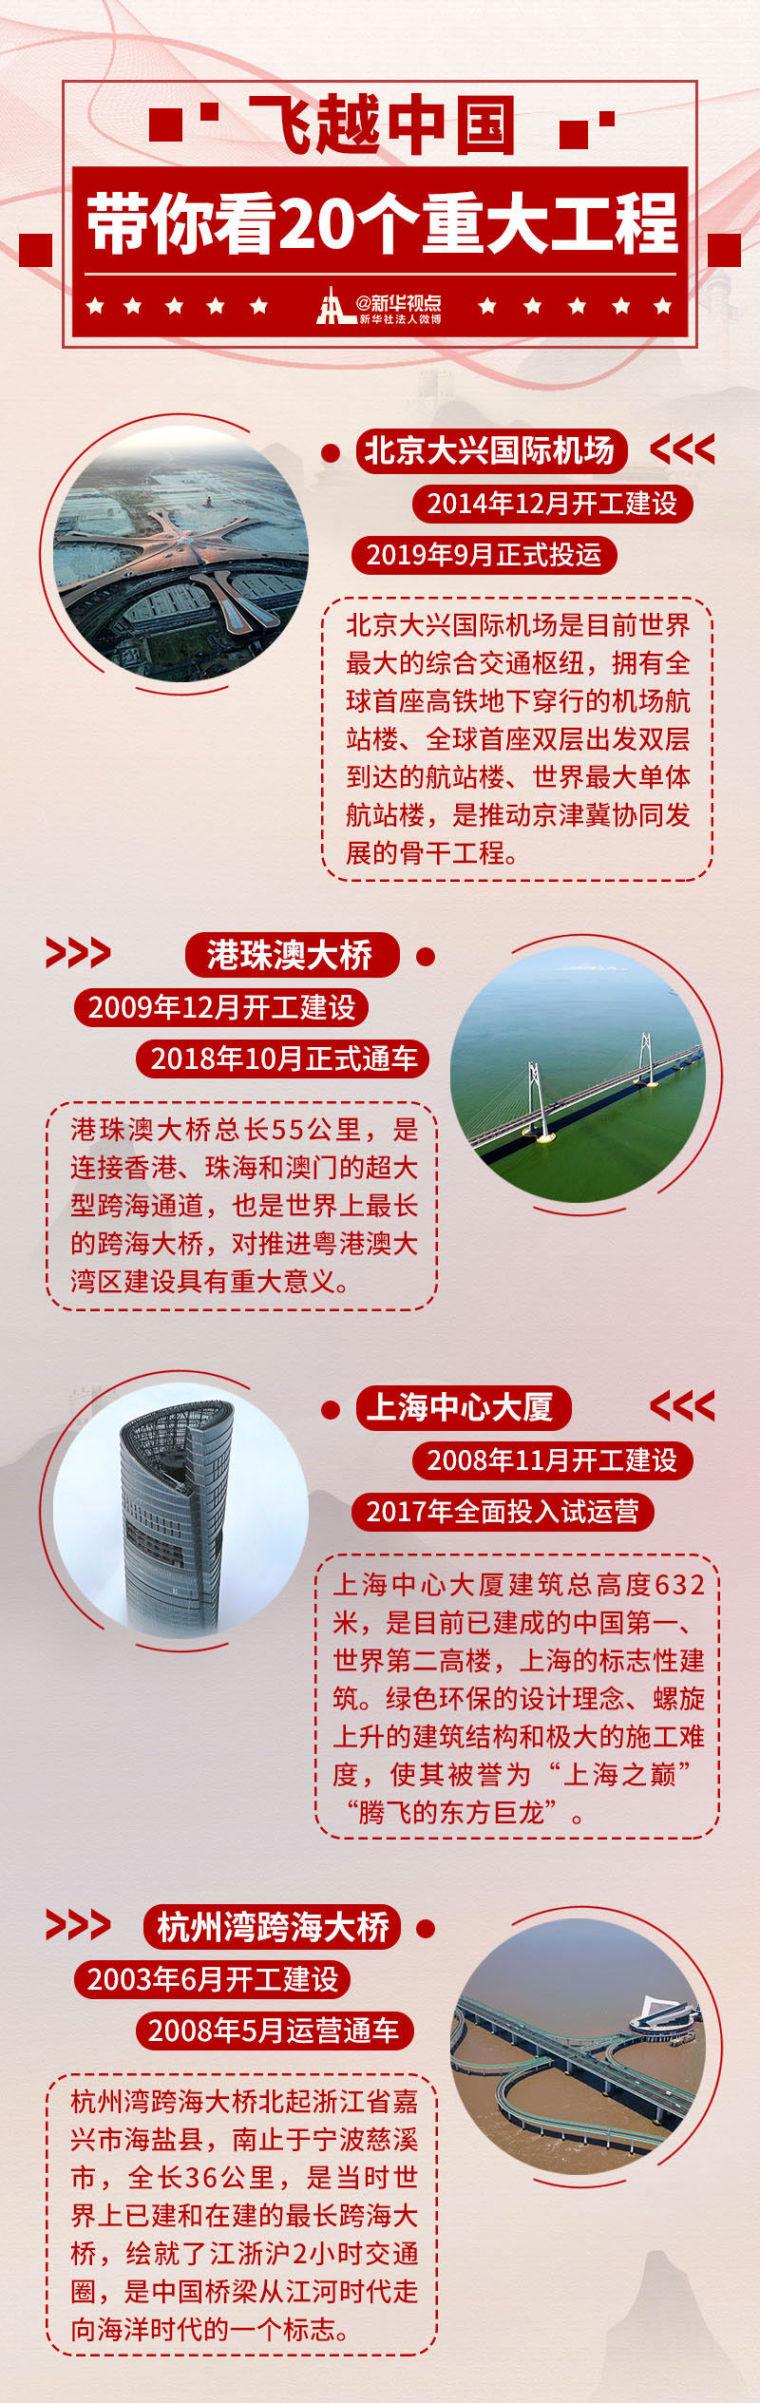 施工技术!飞越中国,带你看20个重大工程!